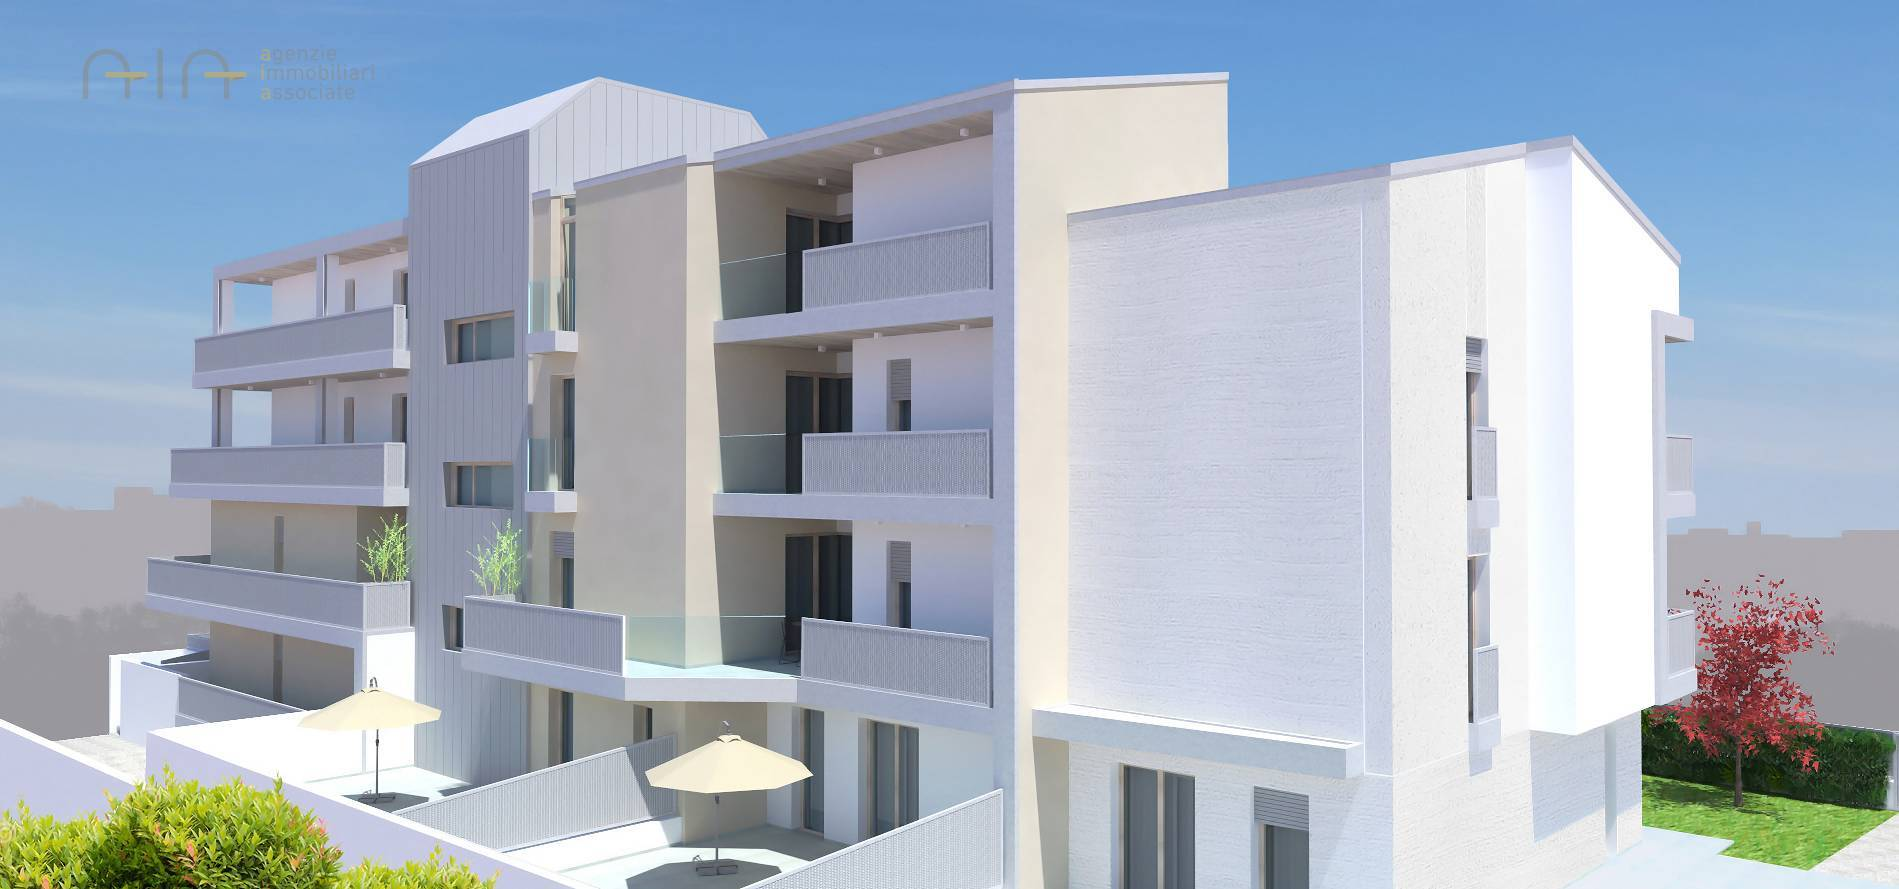 Appartamento in vendita a Grottammare, 3 locali, zona Località: IschiaAscolani(asuddelfiumeTesino,sopraferrovia, prezzo € 269.000 | CambioCasa.it